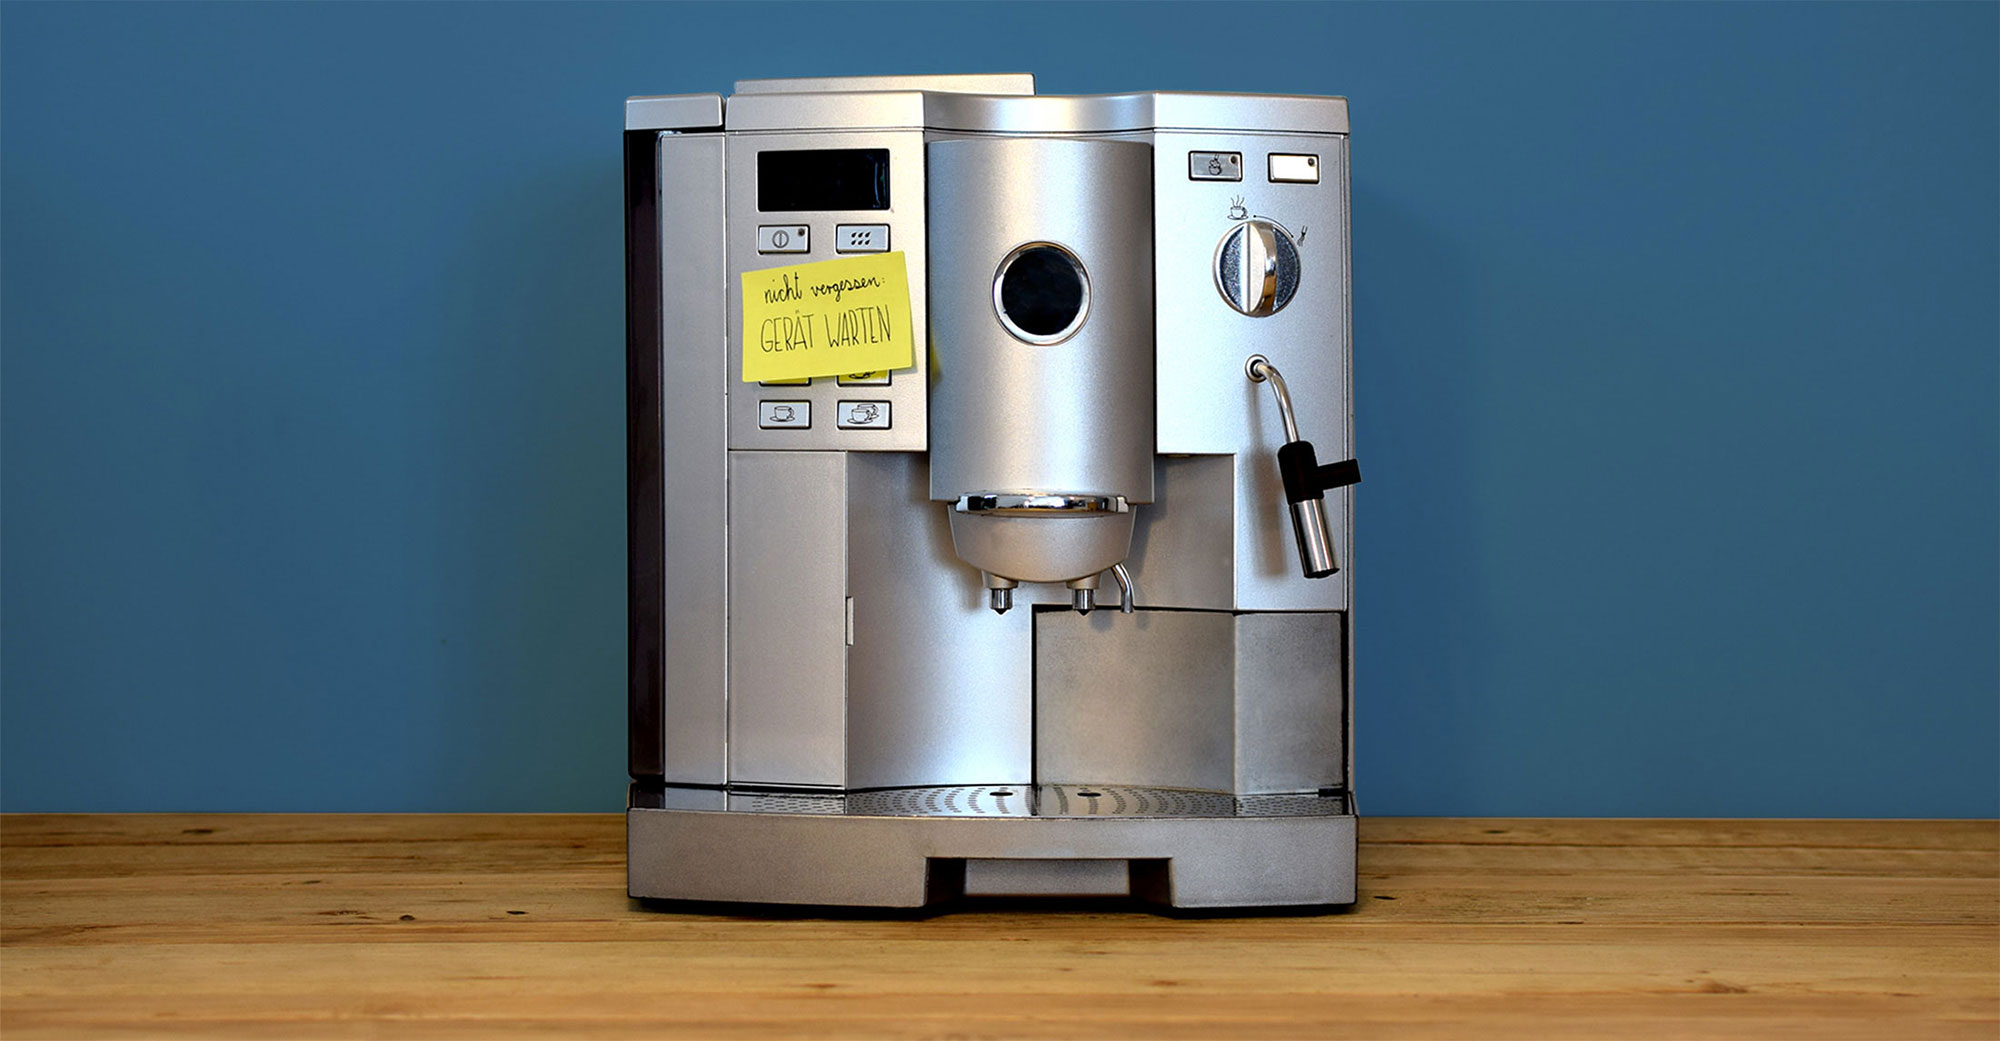 Kaffeevollautomat zieht kein wasser was tun meinmacher - Gartenpumpe zieht kein wasser ...